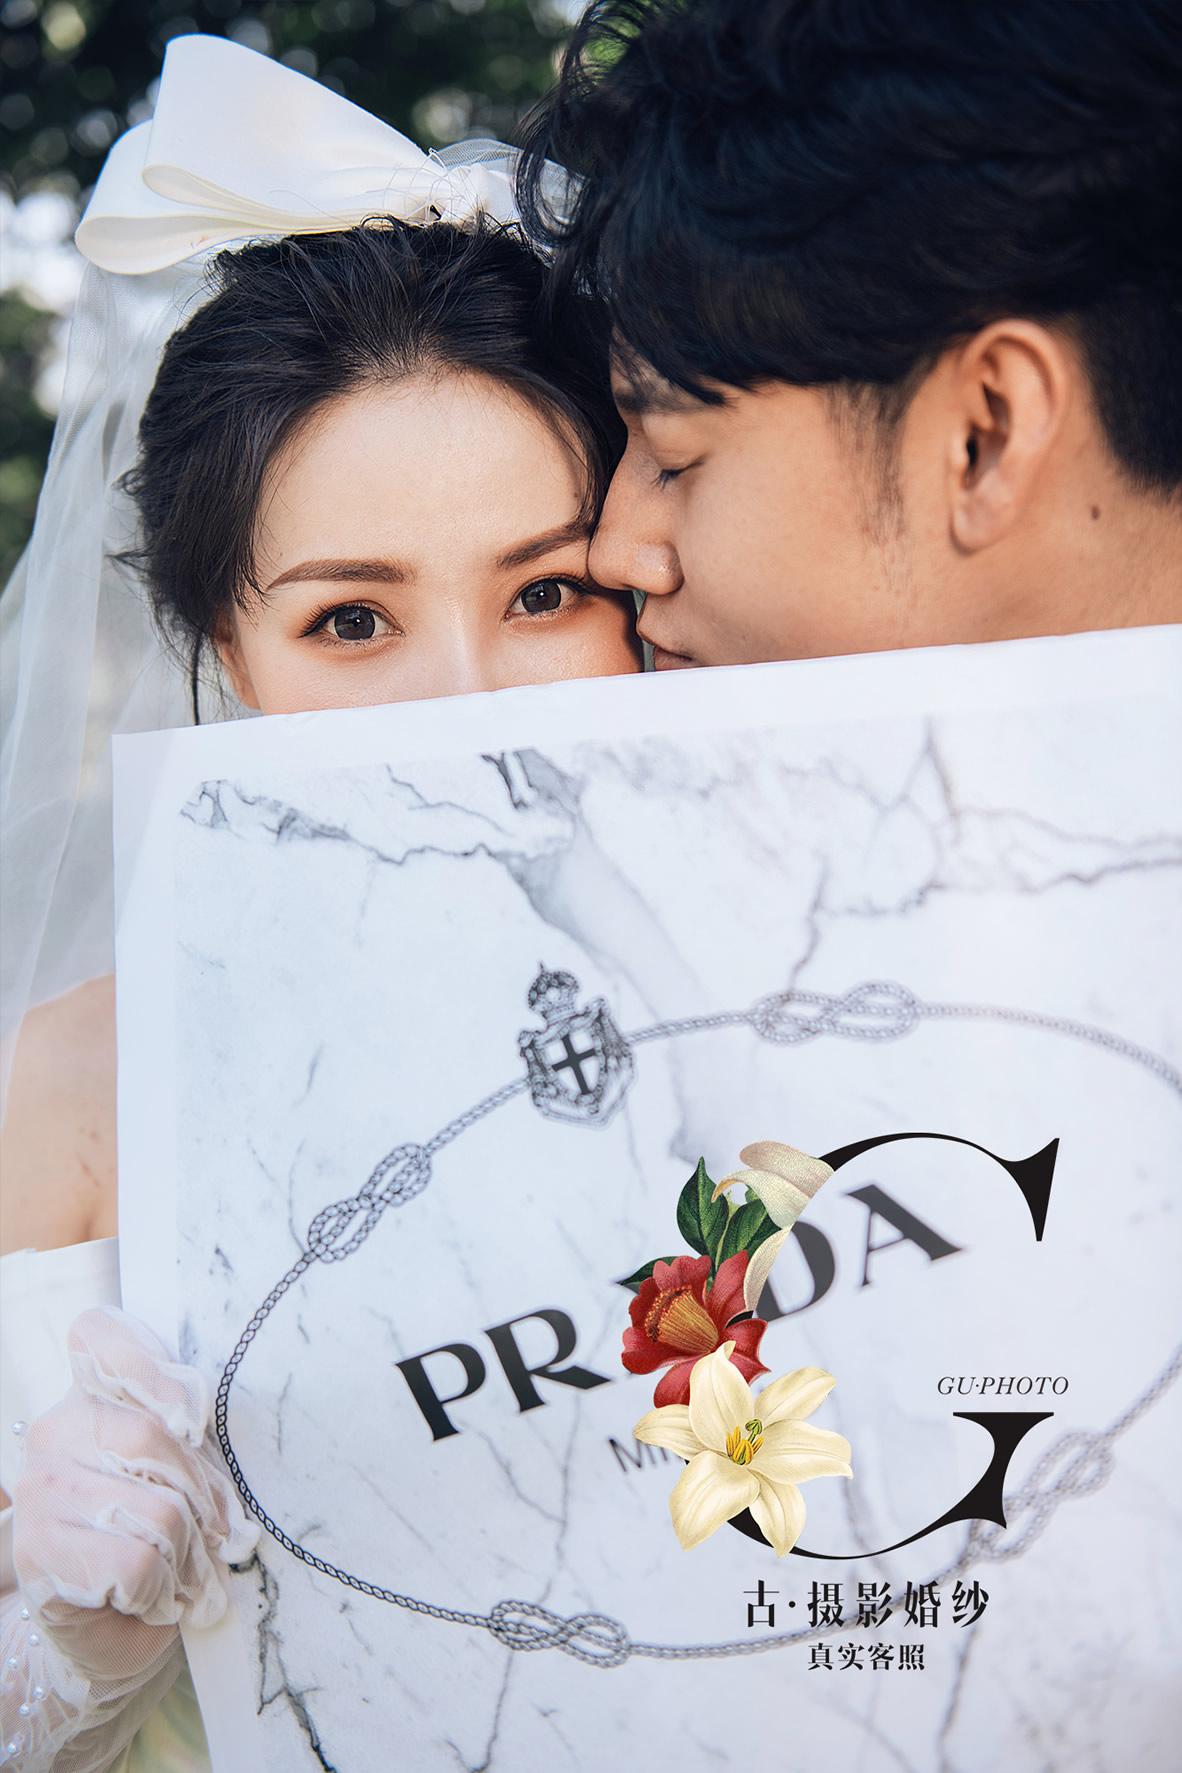 馬小姐夫婦 - 每日客照 - 古攝影婚紗藝術-古攝影成都婚紗攝影藝術攝影網